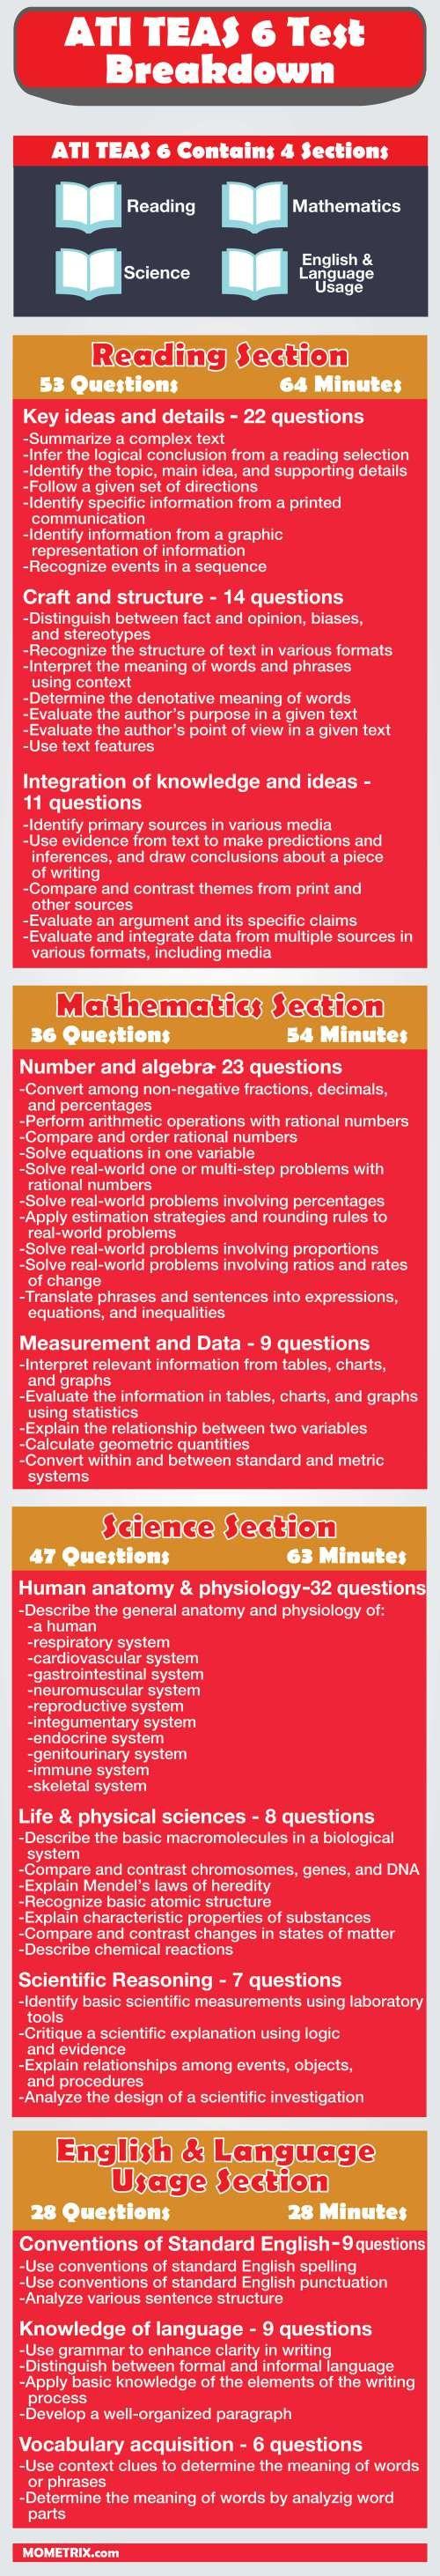 Ati Teas 6 Test Breakdown [Infographic   Teas Test Study Guide - Free Printable Teas Study Guide